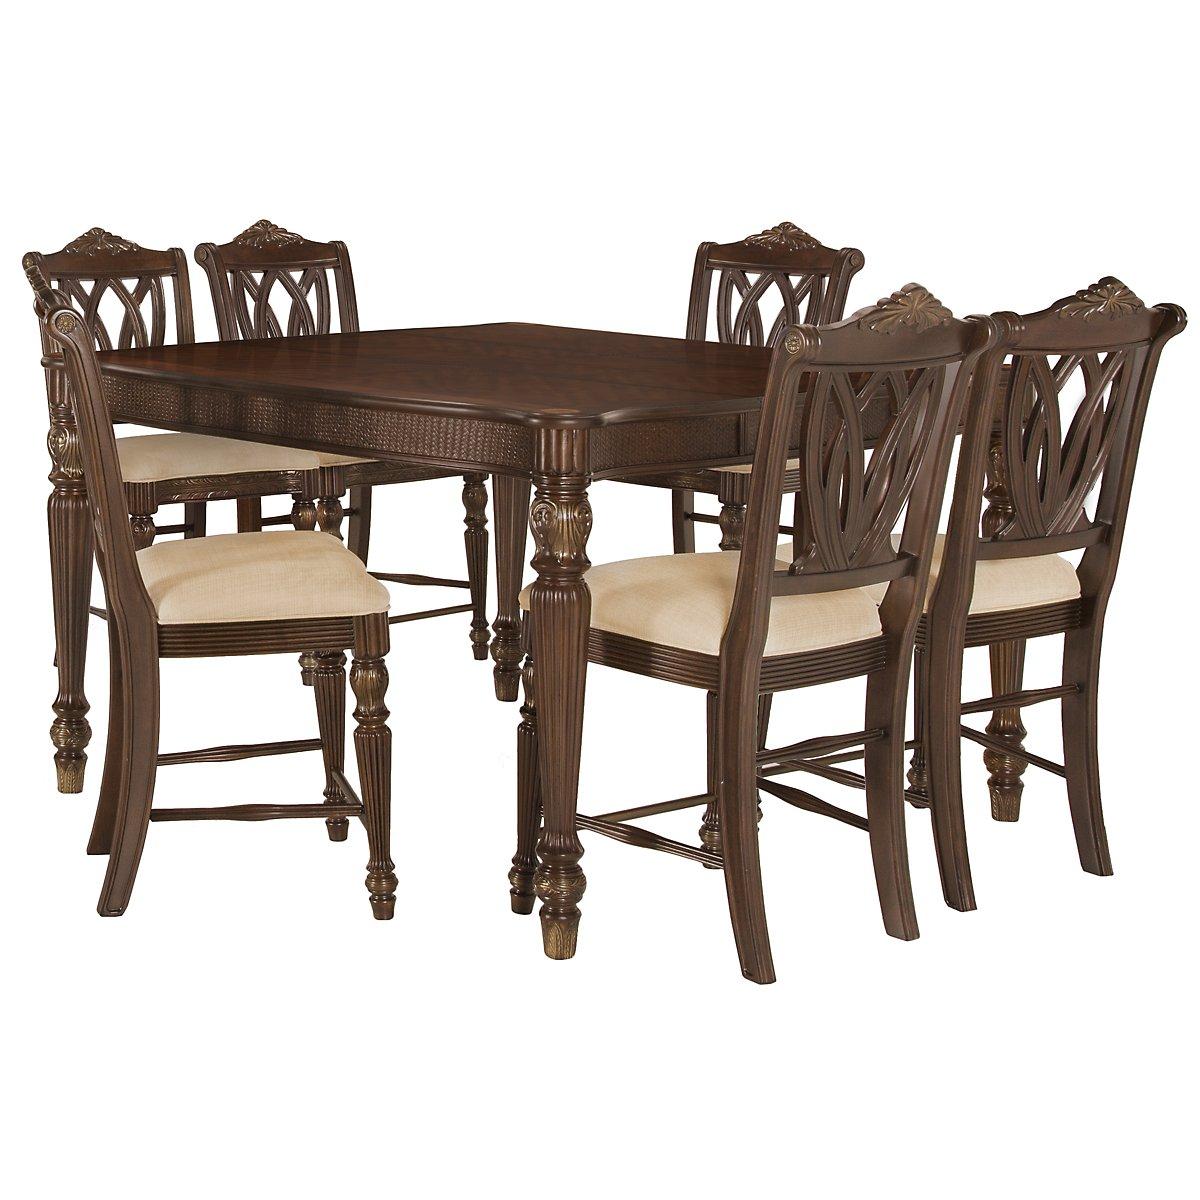 Tradewinds Dark Tone High Table & 4 Wood Barstools